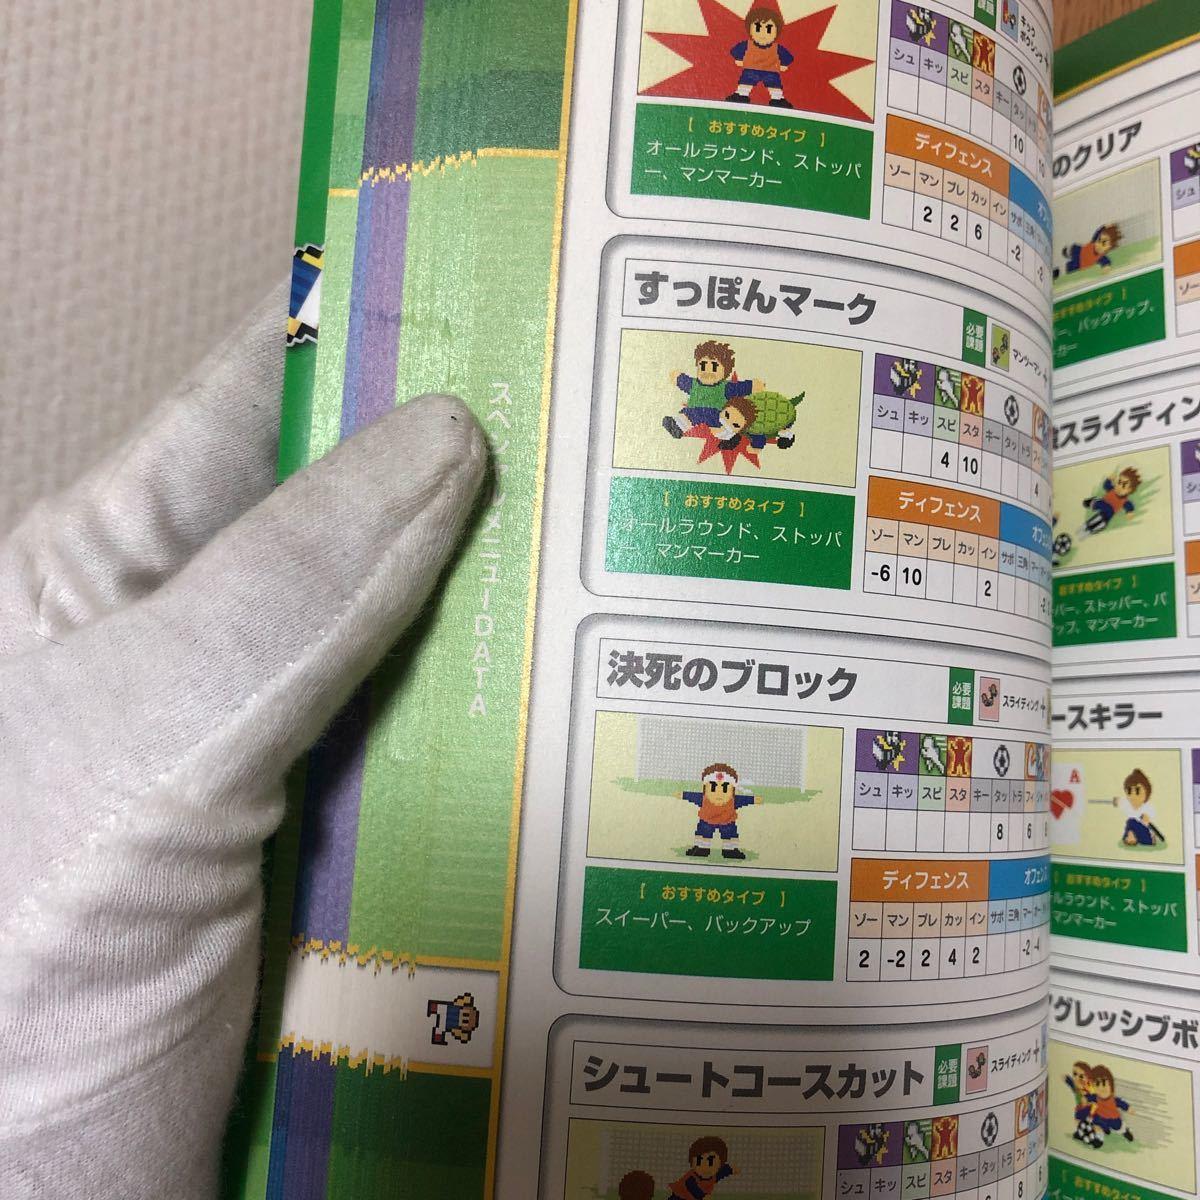 カルチョビット任天堂公式ガイドブック ゲームボーイアドバンス